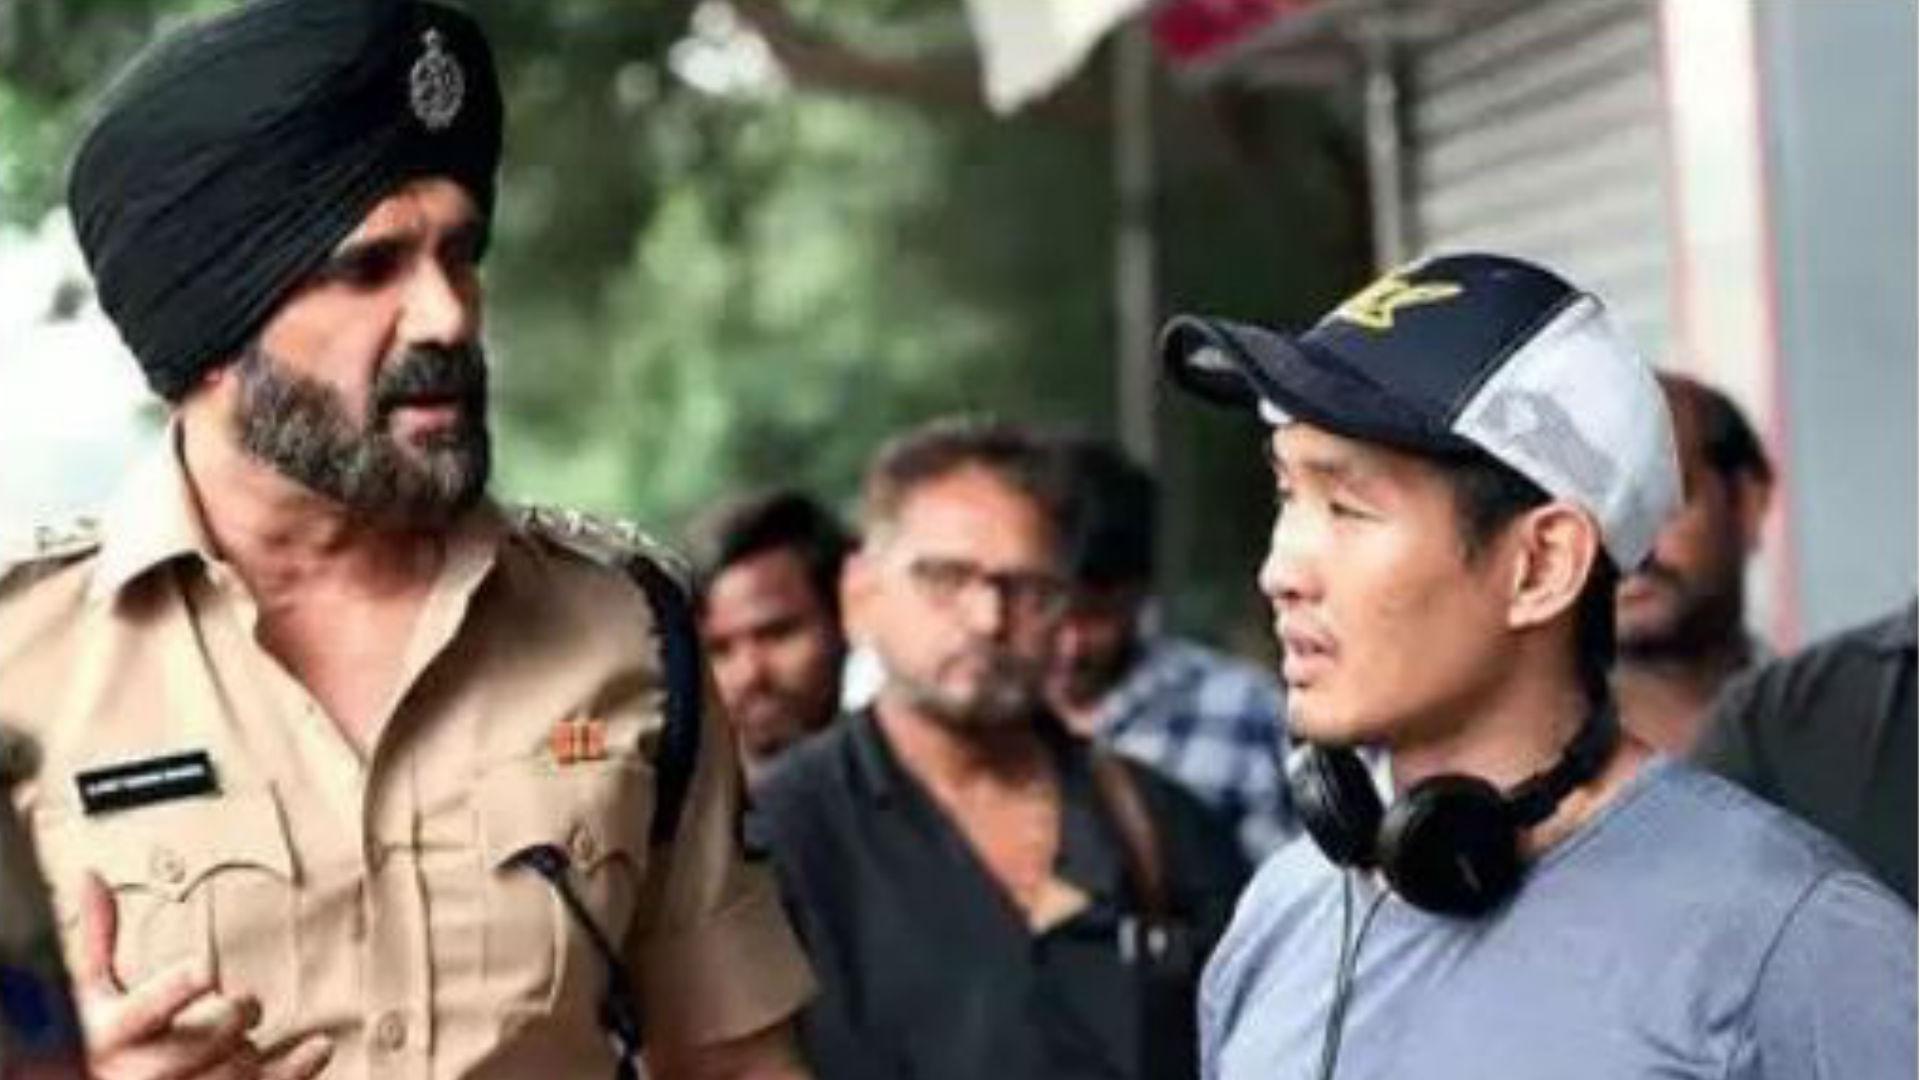 सुनील शेट्टी को मिली हॉलीवुड फिल्म, सिख पुलिस अफसर के रोल में नजर आएंगे बॉलीवुड के 'अन्ना'